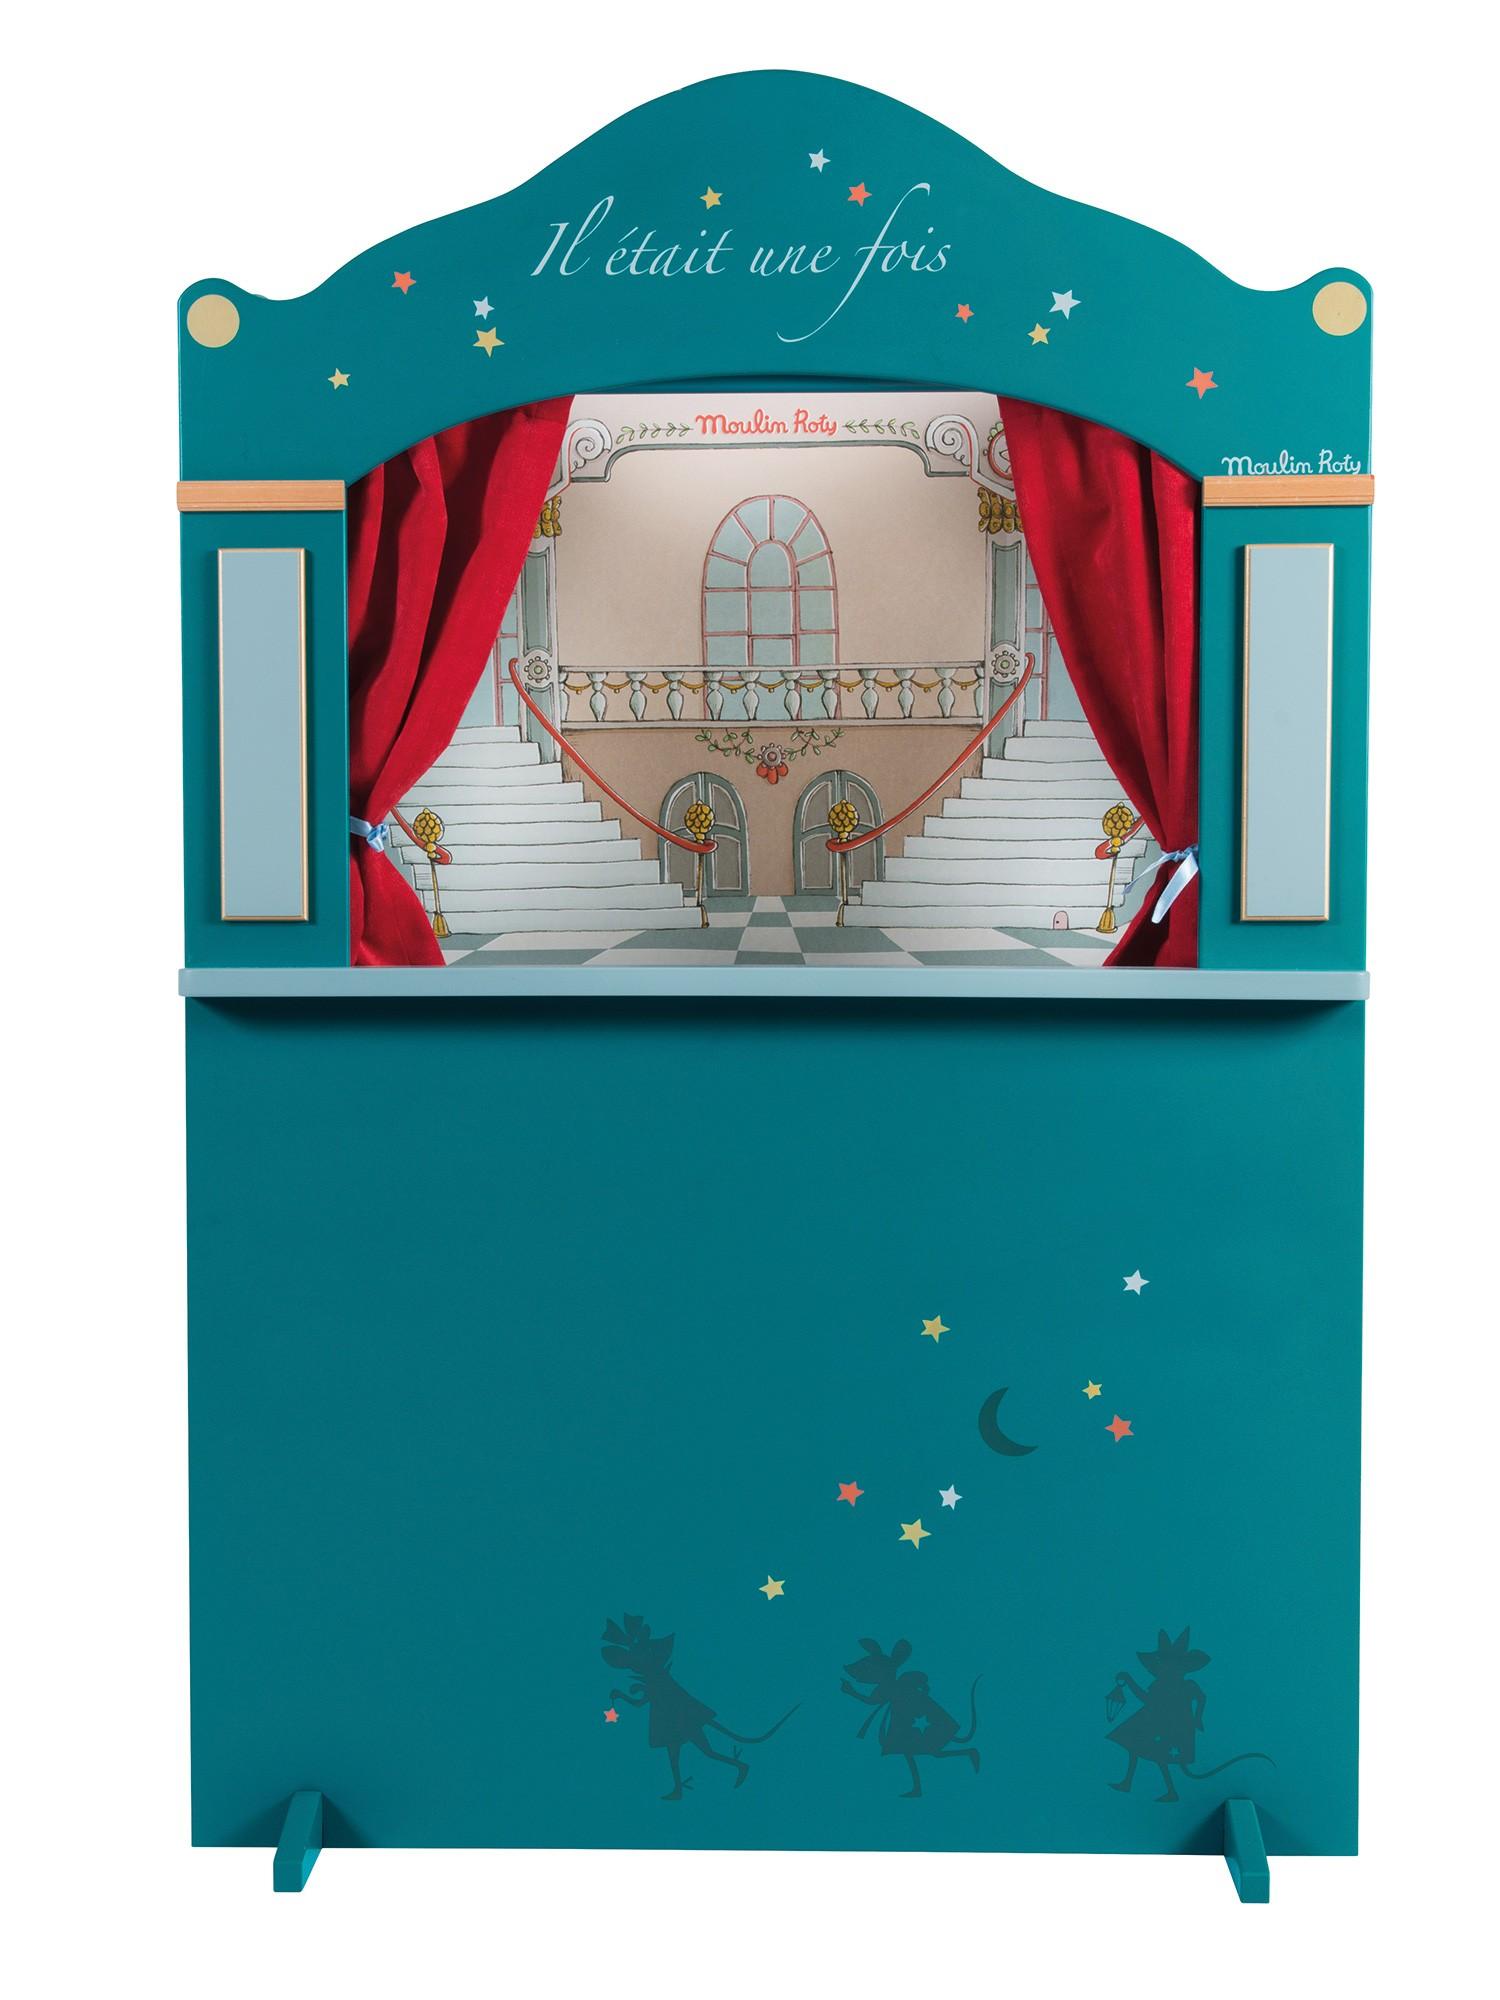 Кукольный театр напольный Moulin Roty синий,